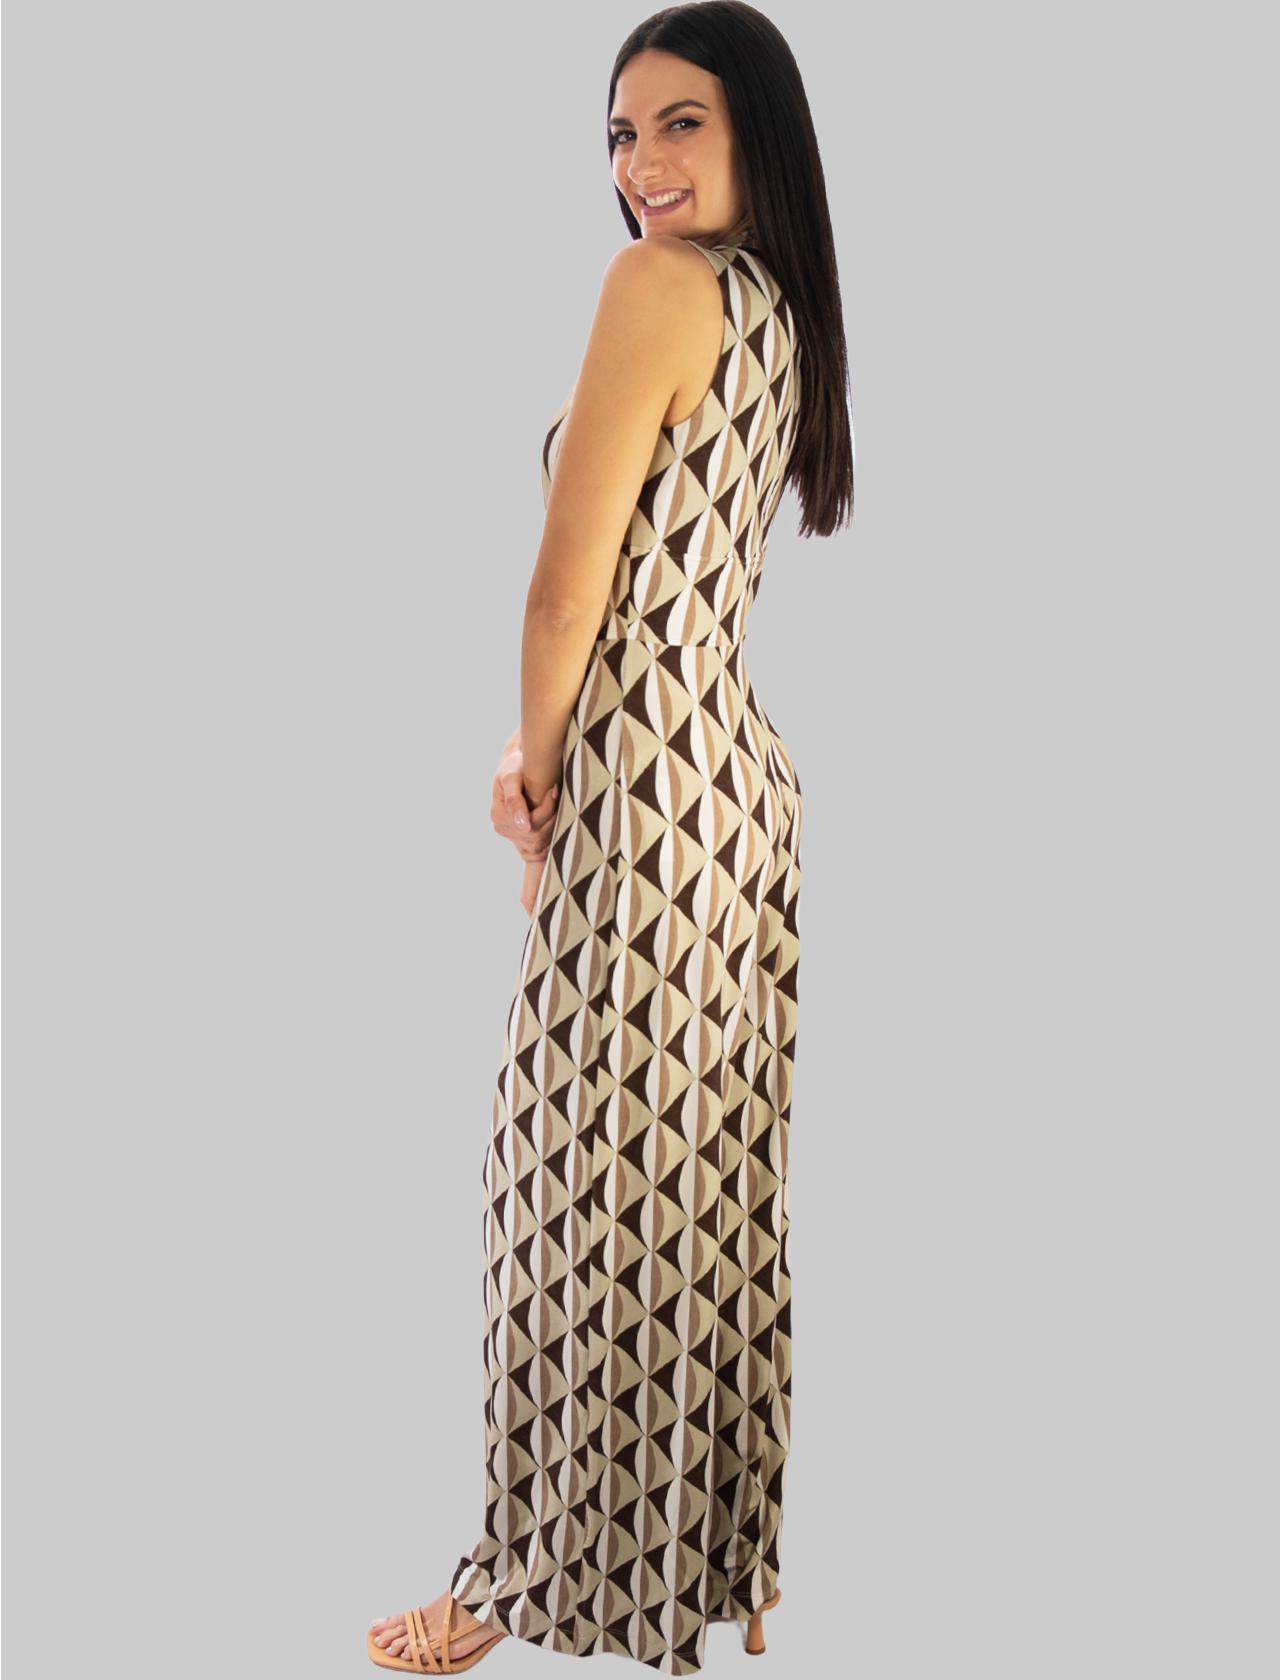 Women's Clothing Long Suit in Beige Fantasy Symmetria Jersey Maliparmi |  | JU001670496B1239